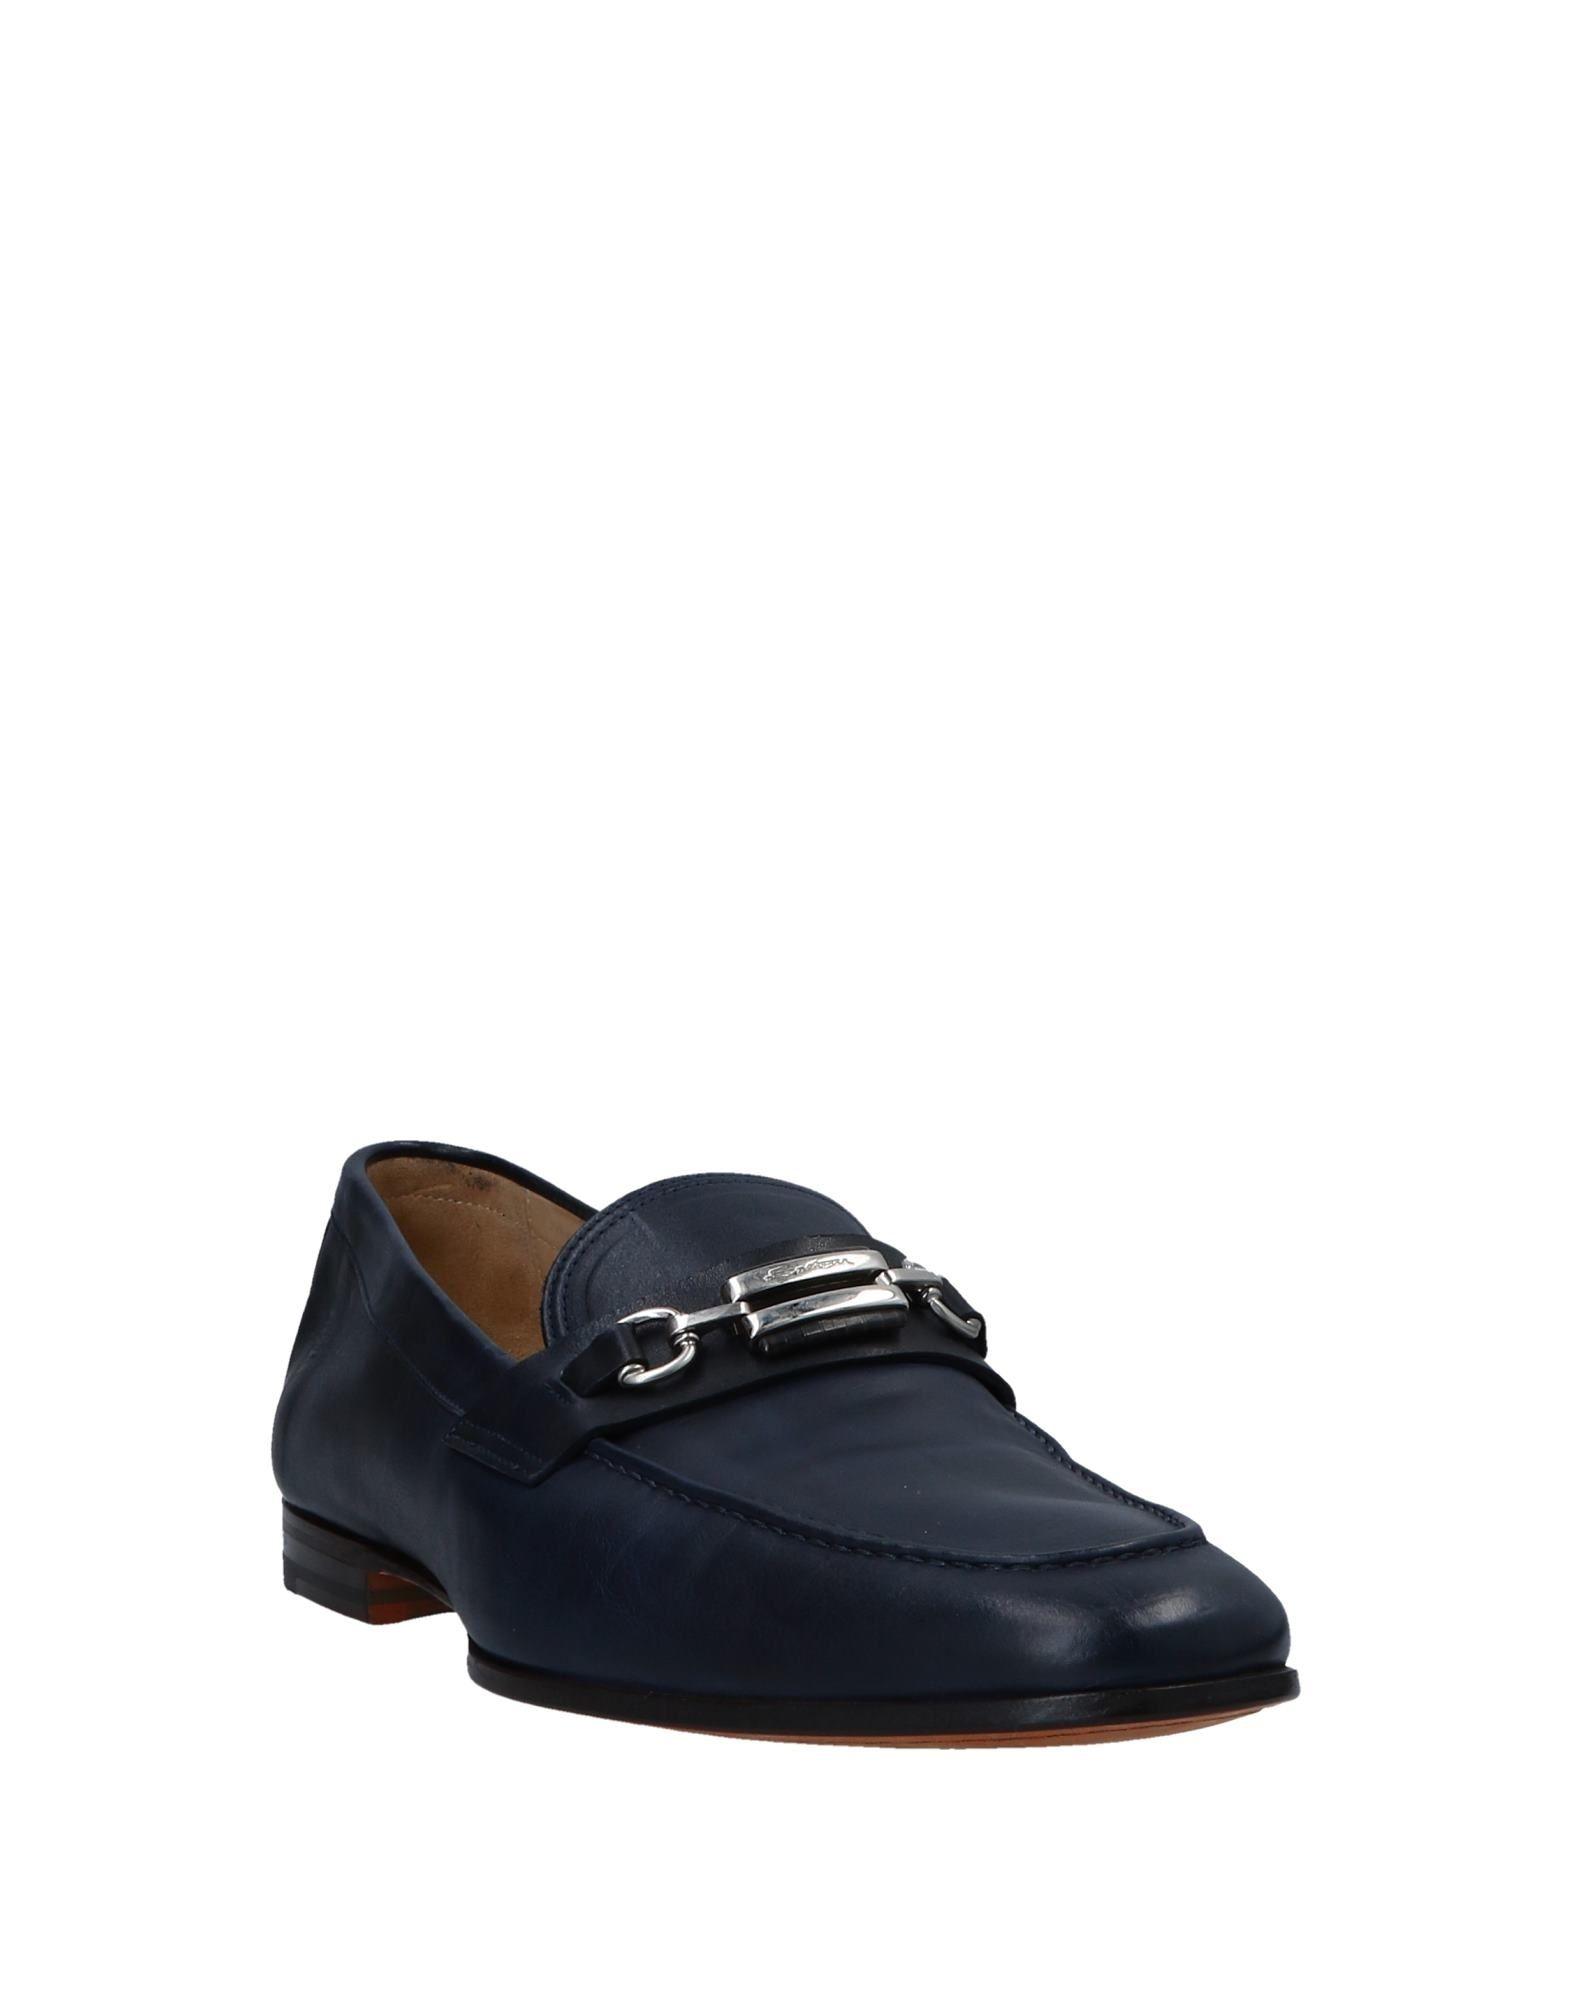 Santoni Mokassins Herren  Schuhe 11557043QU Gute Qualität beliebte Schuhe  a3d609